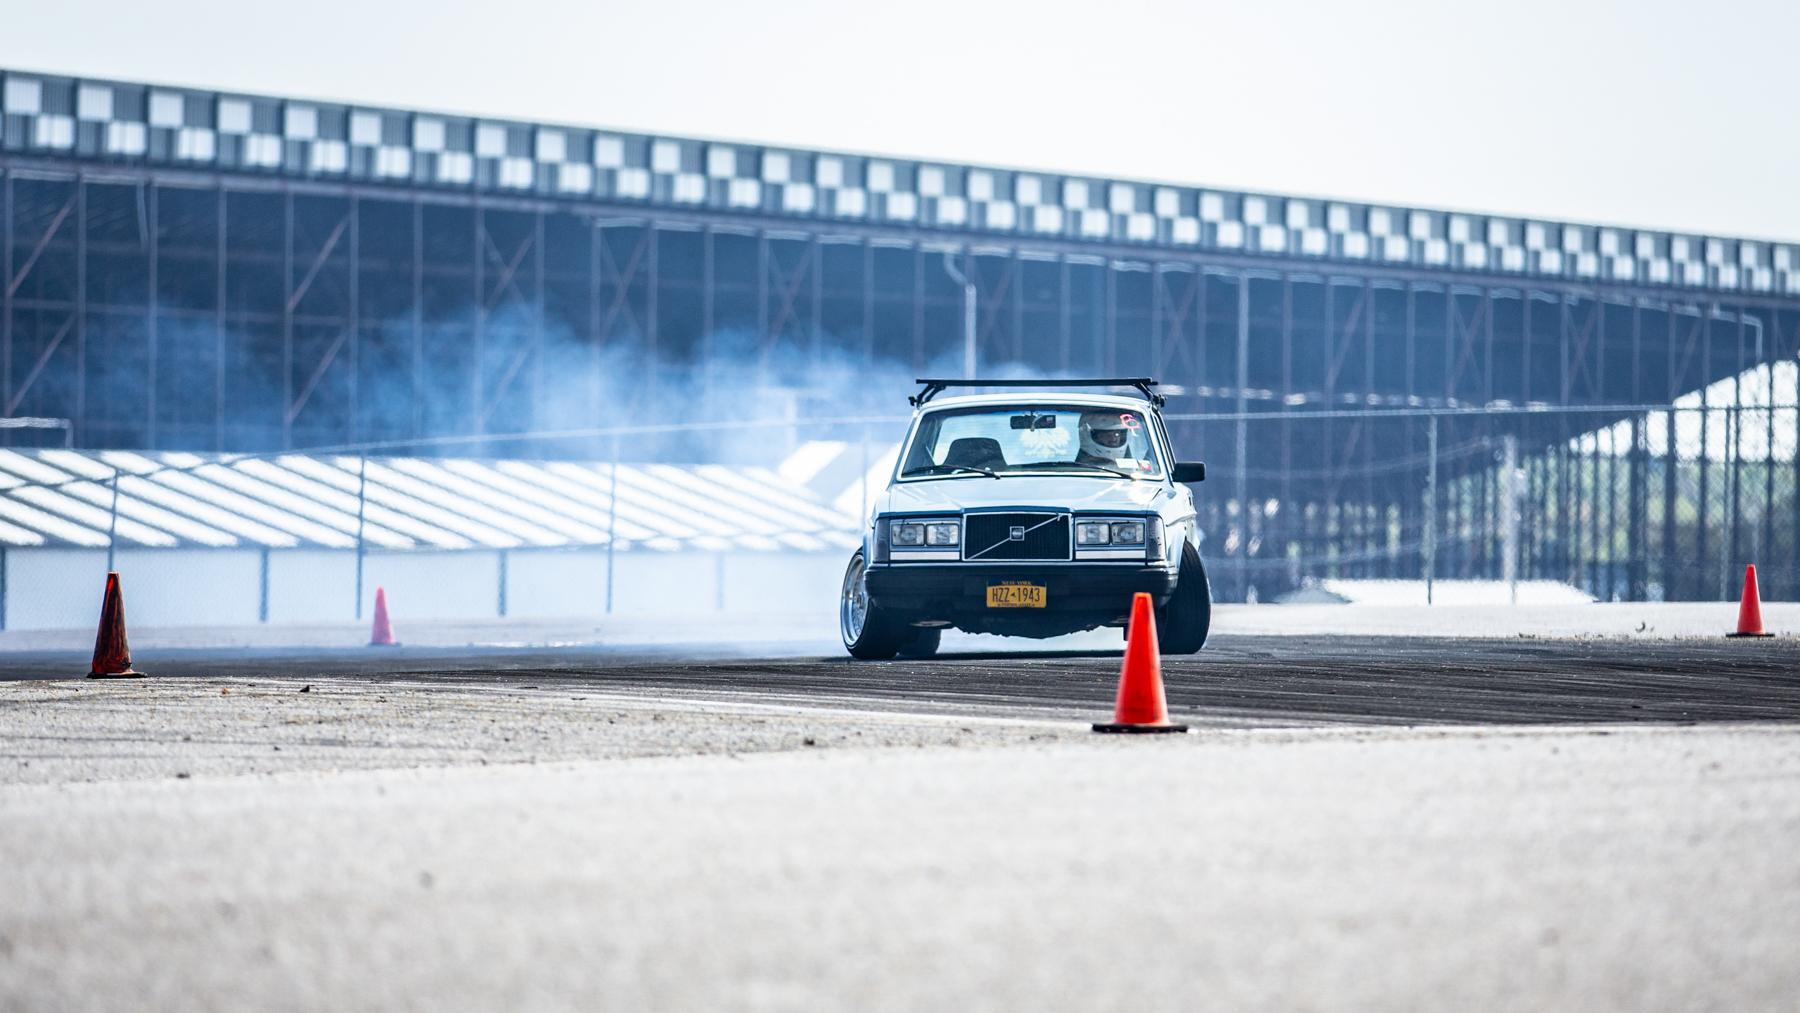 Drift-7400